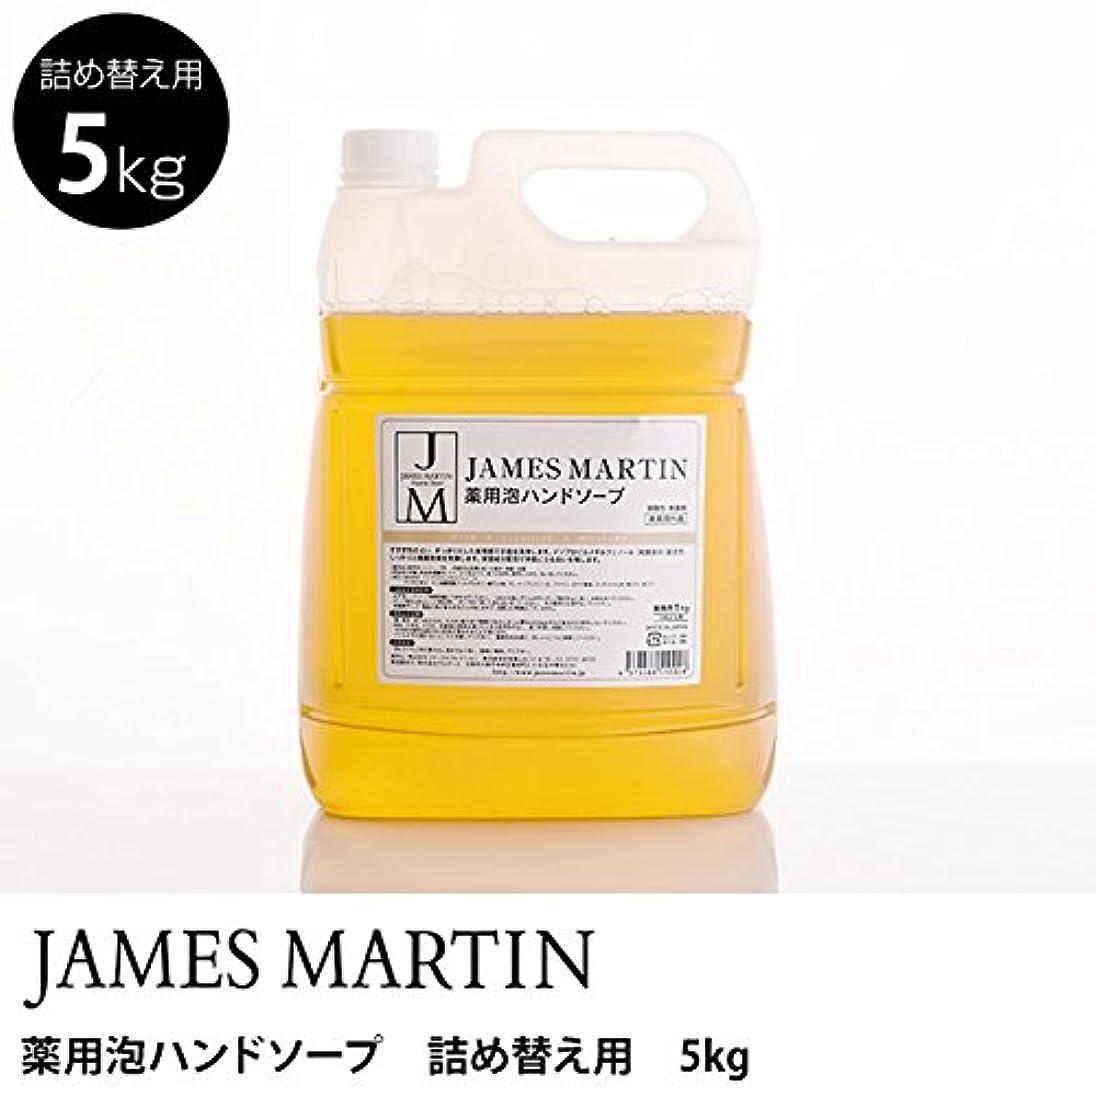 賢明なインスタンス誤解を招くジェームズマーティン 薬用泡ハンドソープ(無香料) 詰替用 5kg